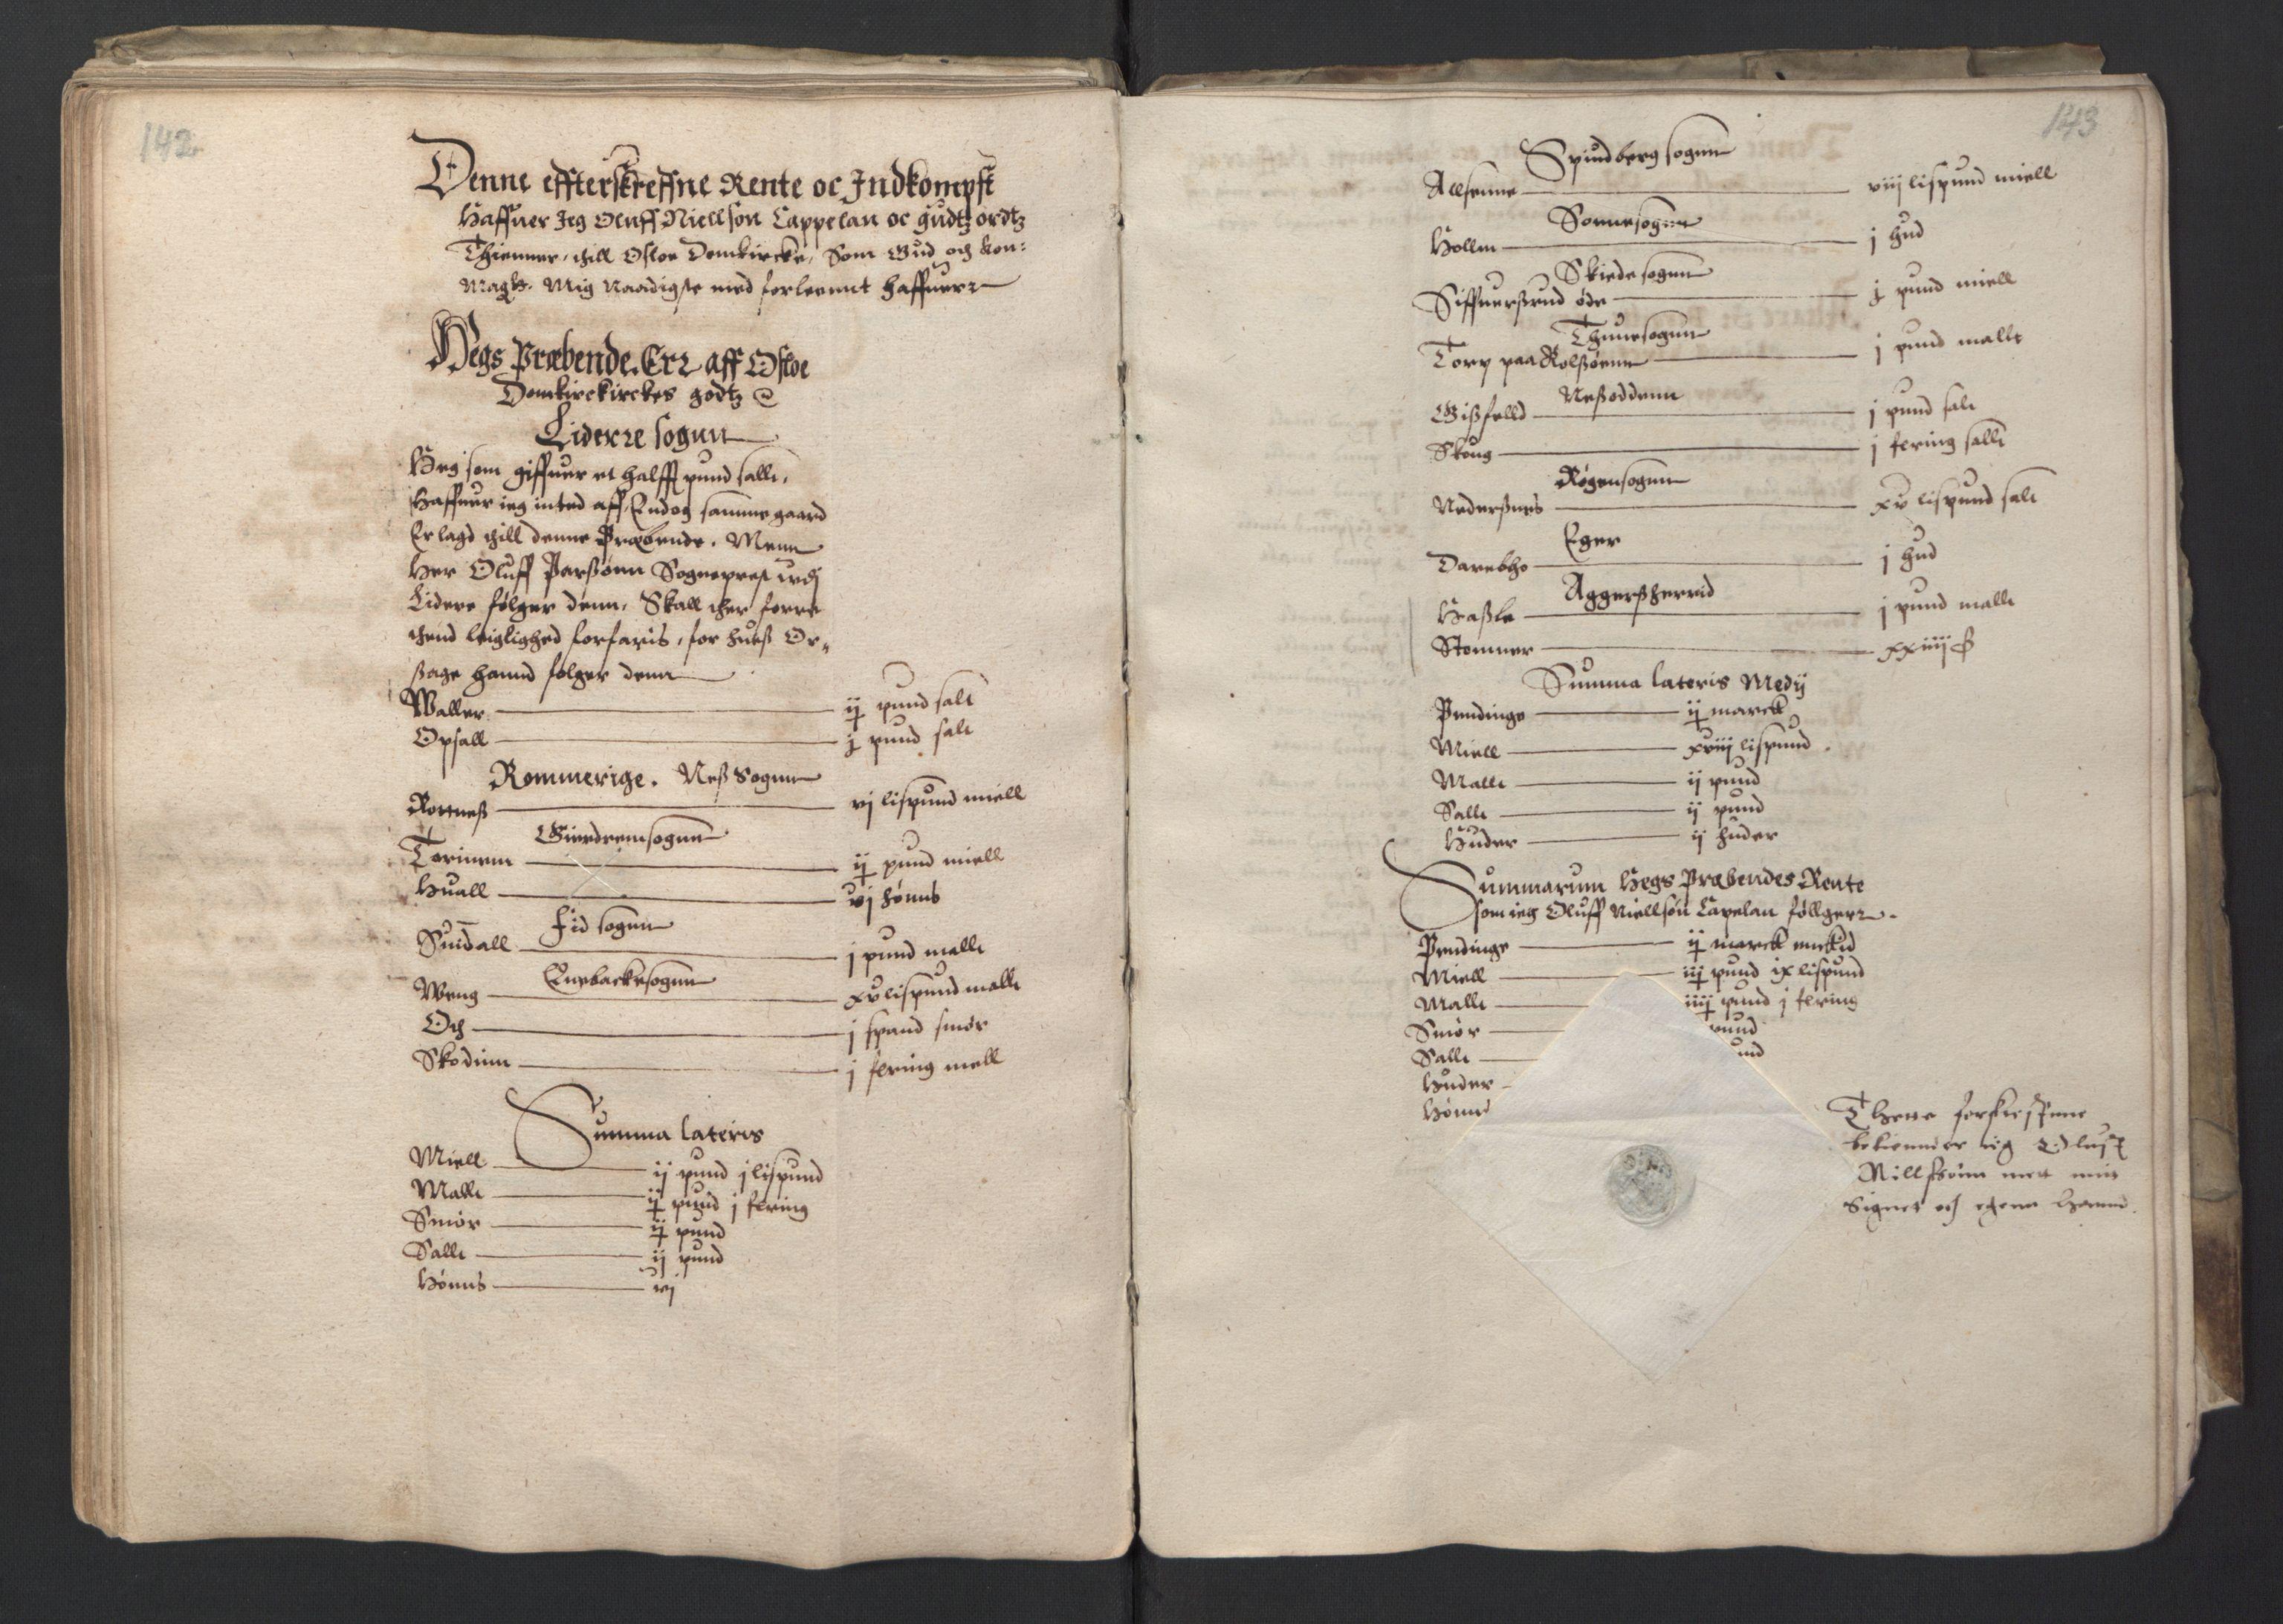 RA, Stattholderembetet 1572-1771, Ek/L0001: Jordebøker før 1624 og til utligning av garnisonsskatt 1624-1626:, 1595, s. 142-143